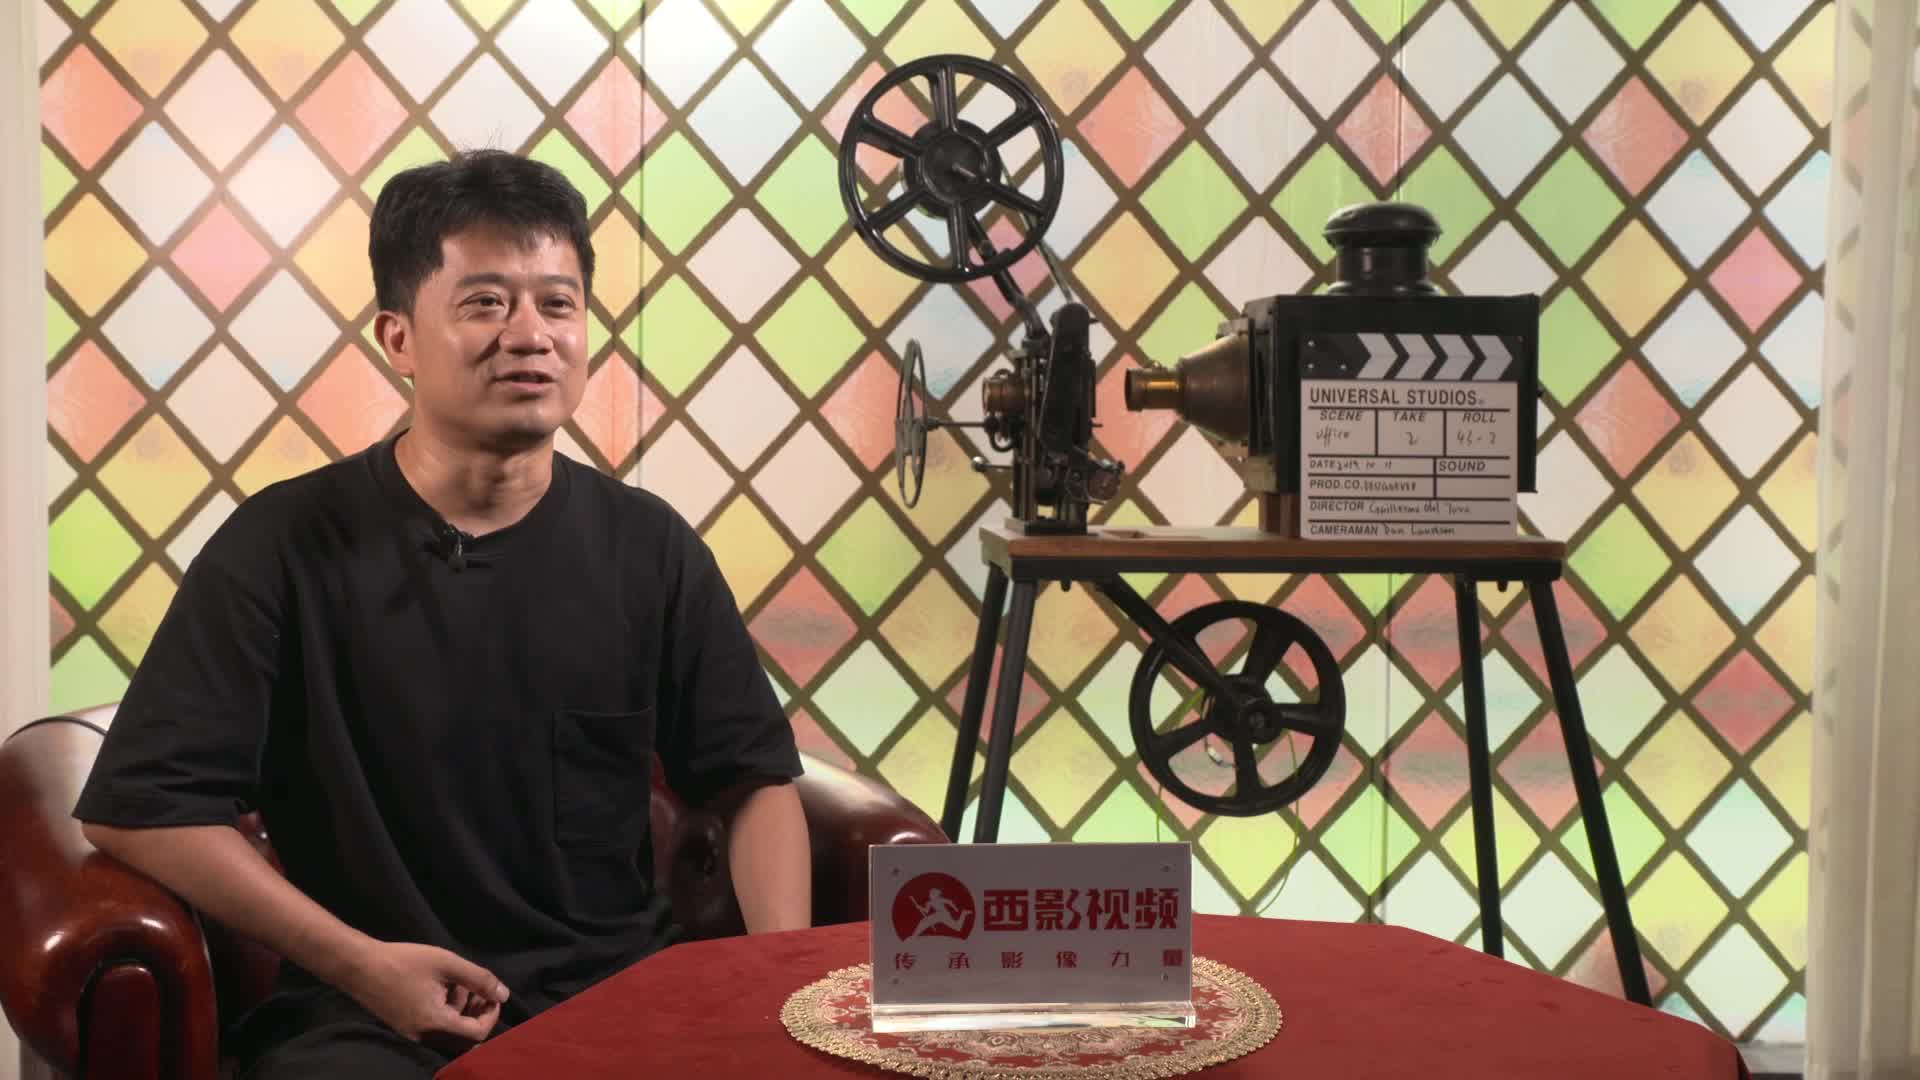 《长安十二时辰》作者马伯庸、出品人林宁等一行来访西影电影圈子